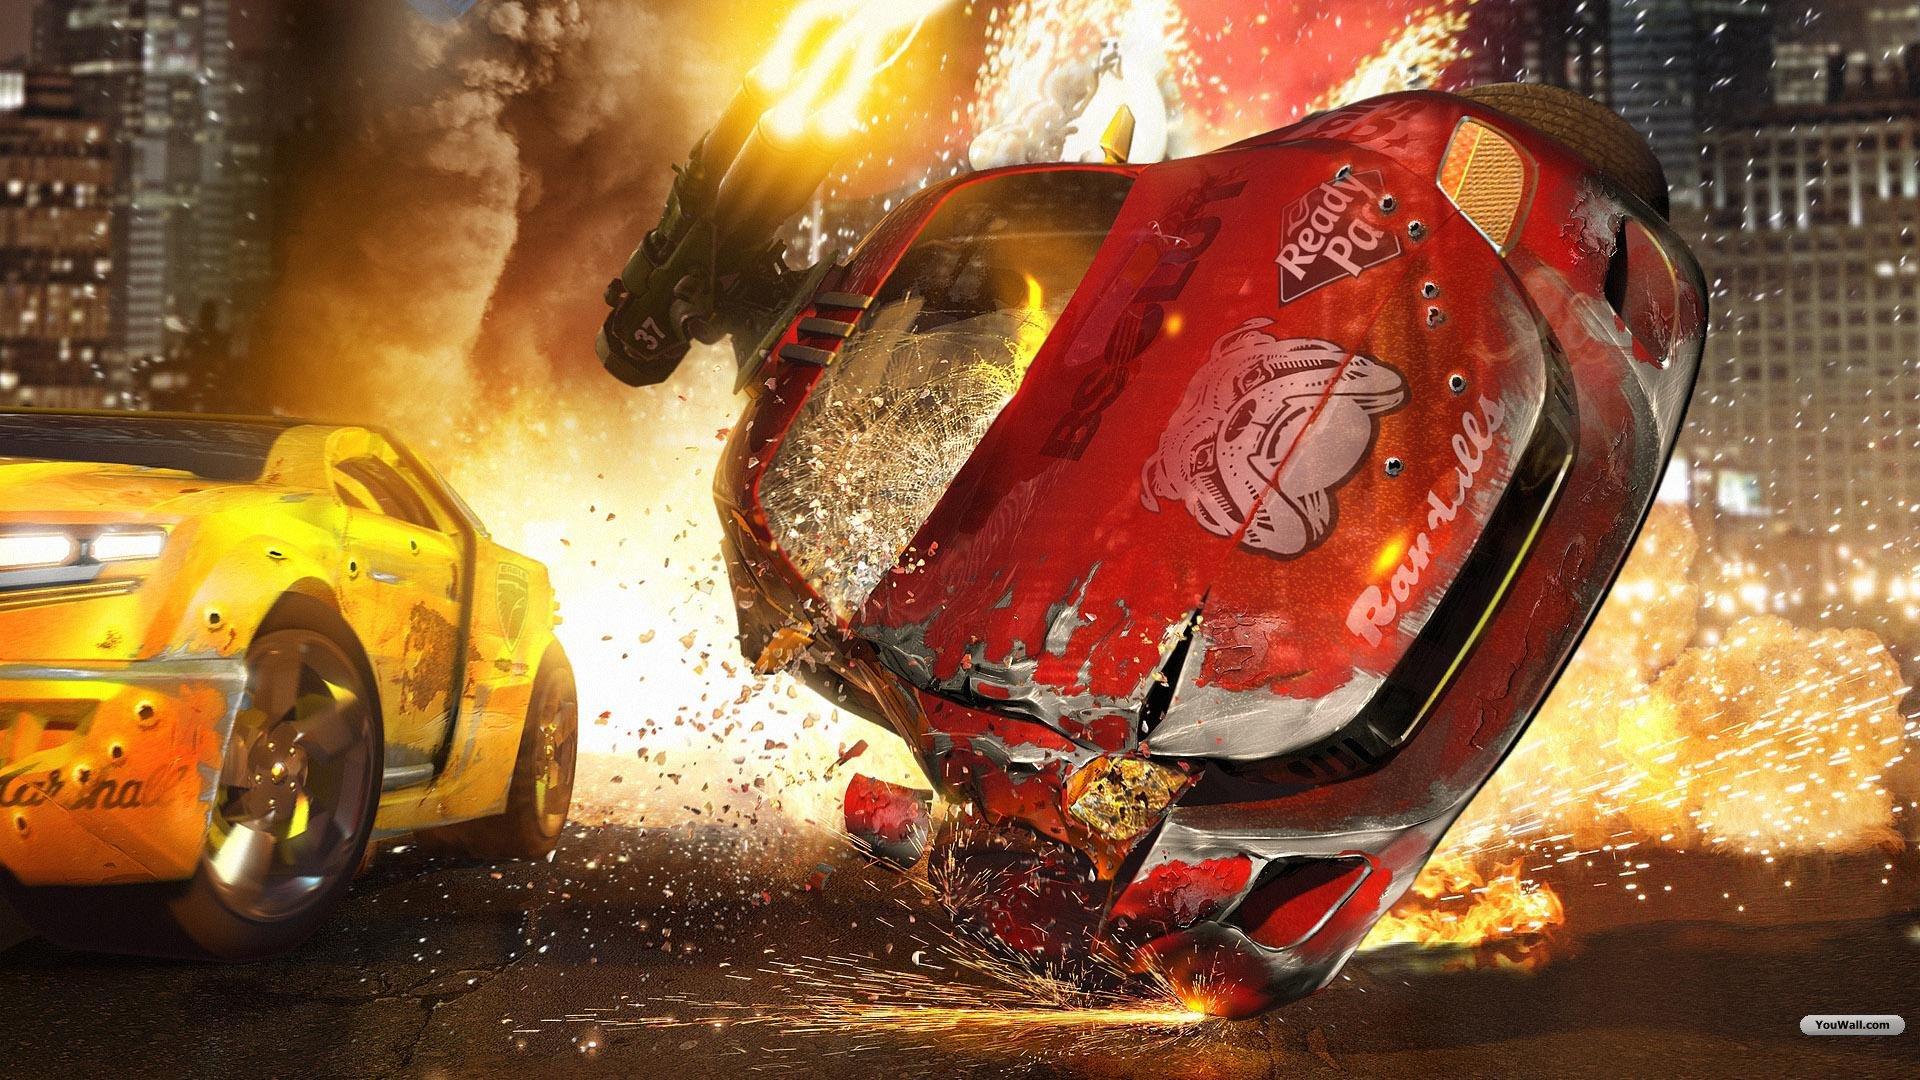 Car Crash Wallpaper Wallpapersafari